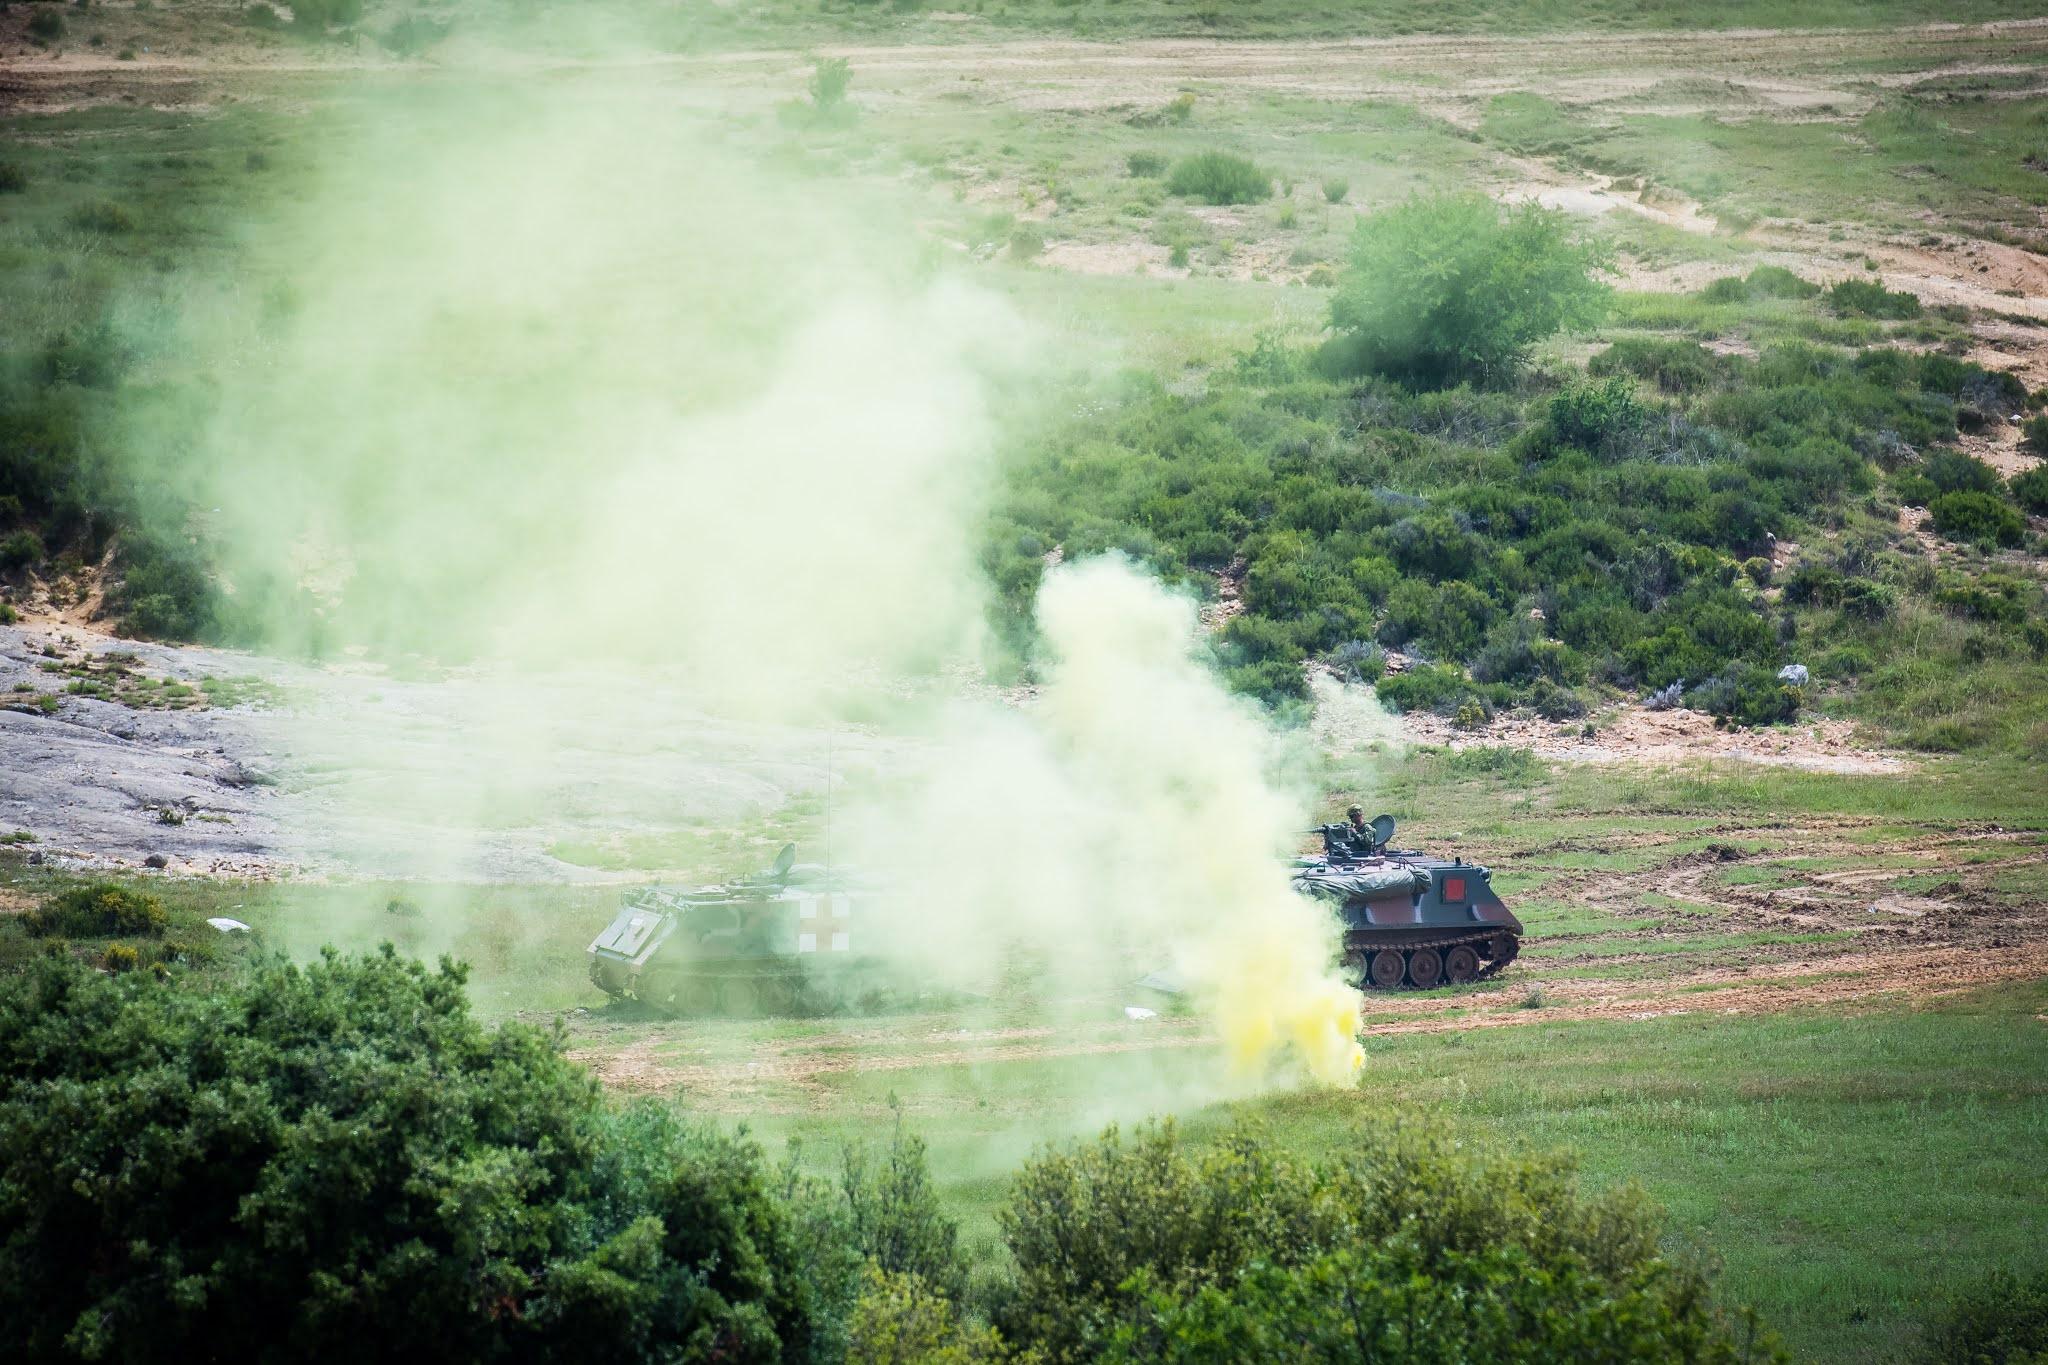 Πήρε «φωτιά» η Ξάνθη για τη στρατιωτική άσκηση Δημόκριτος